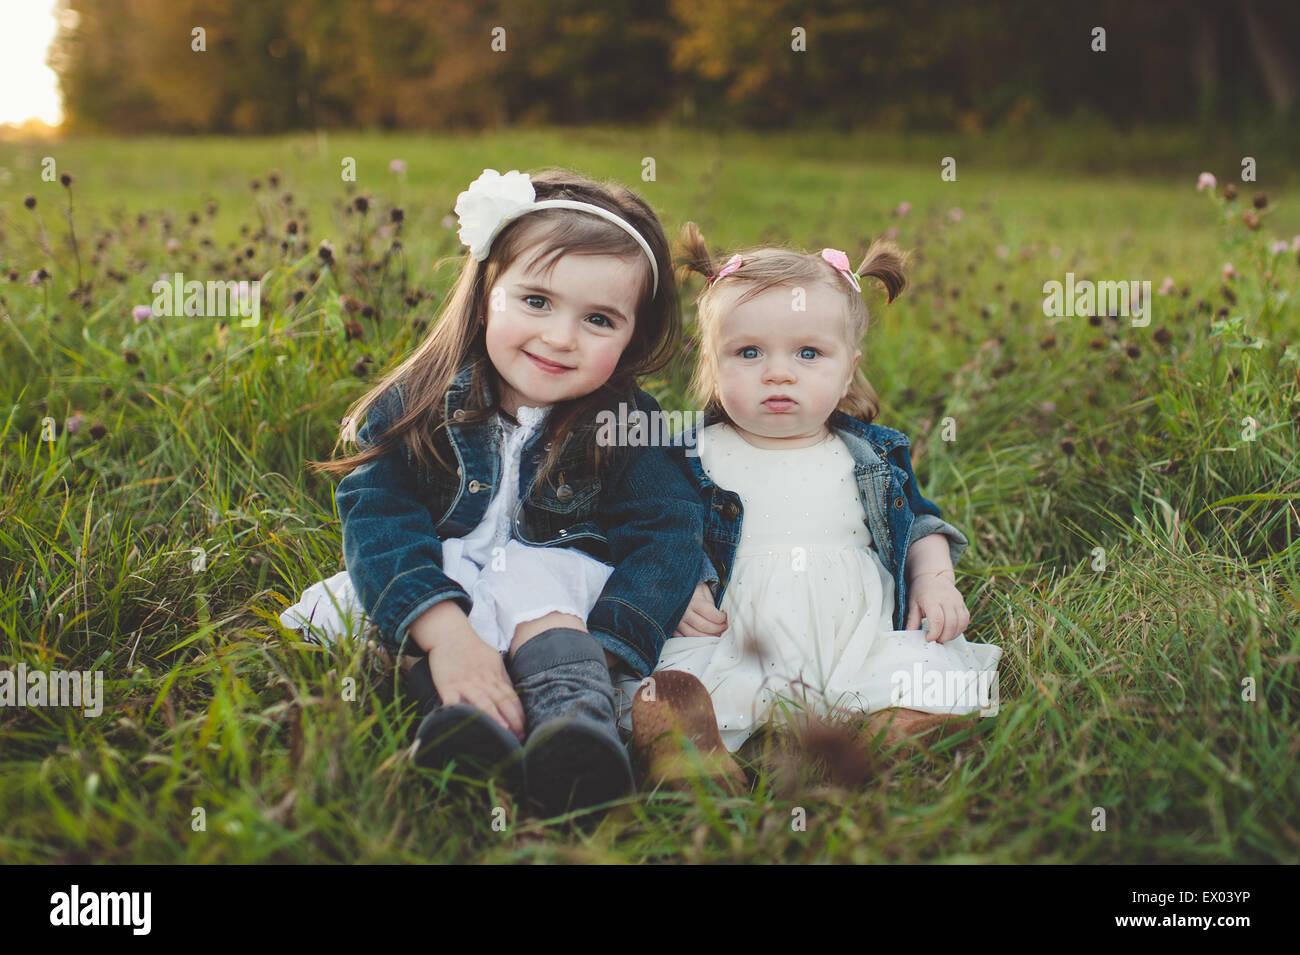 Retrato de joven y hermana de bebé en el campo Imagen De Stock